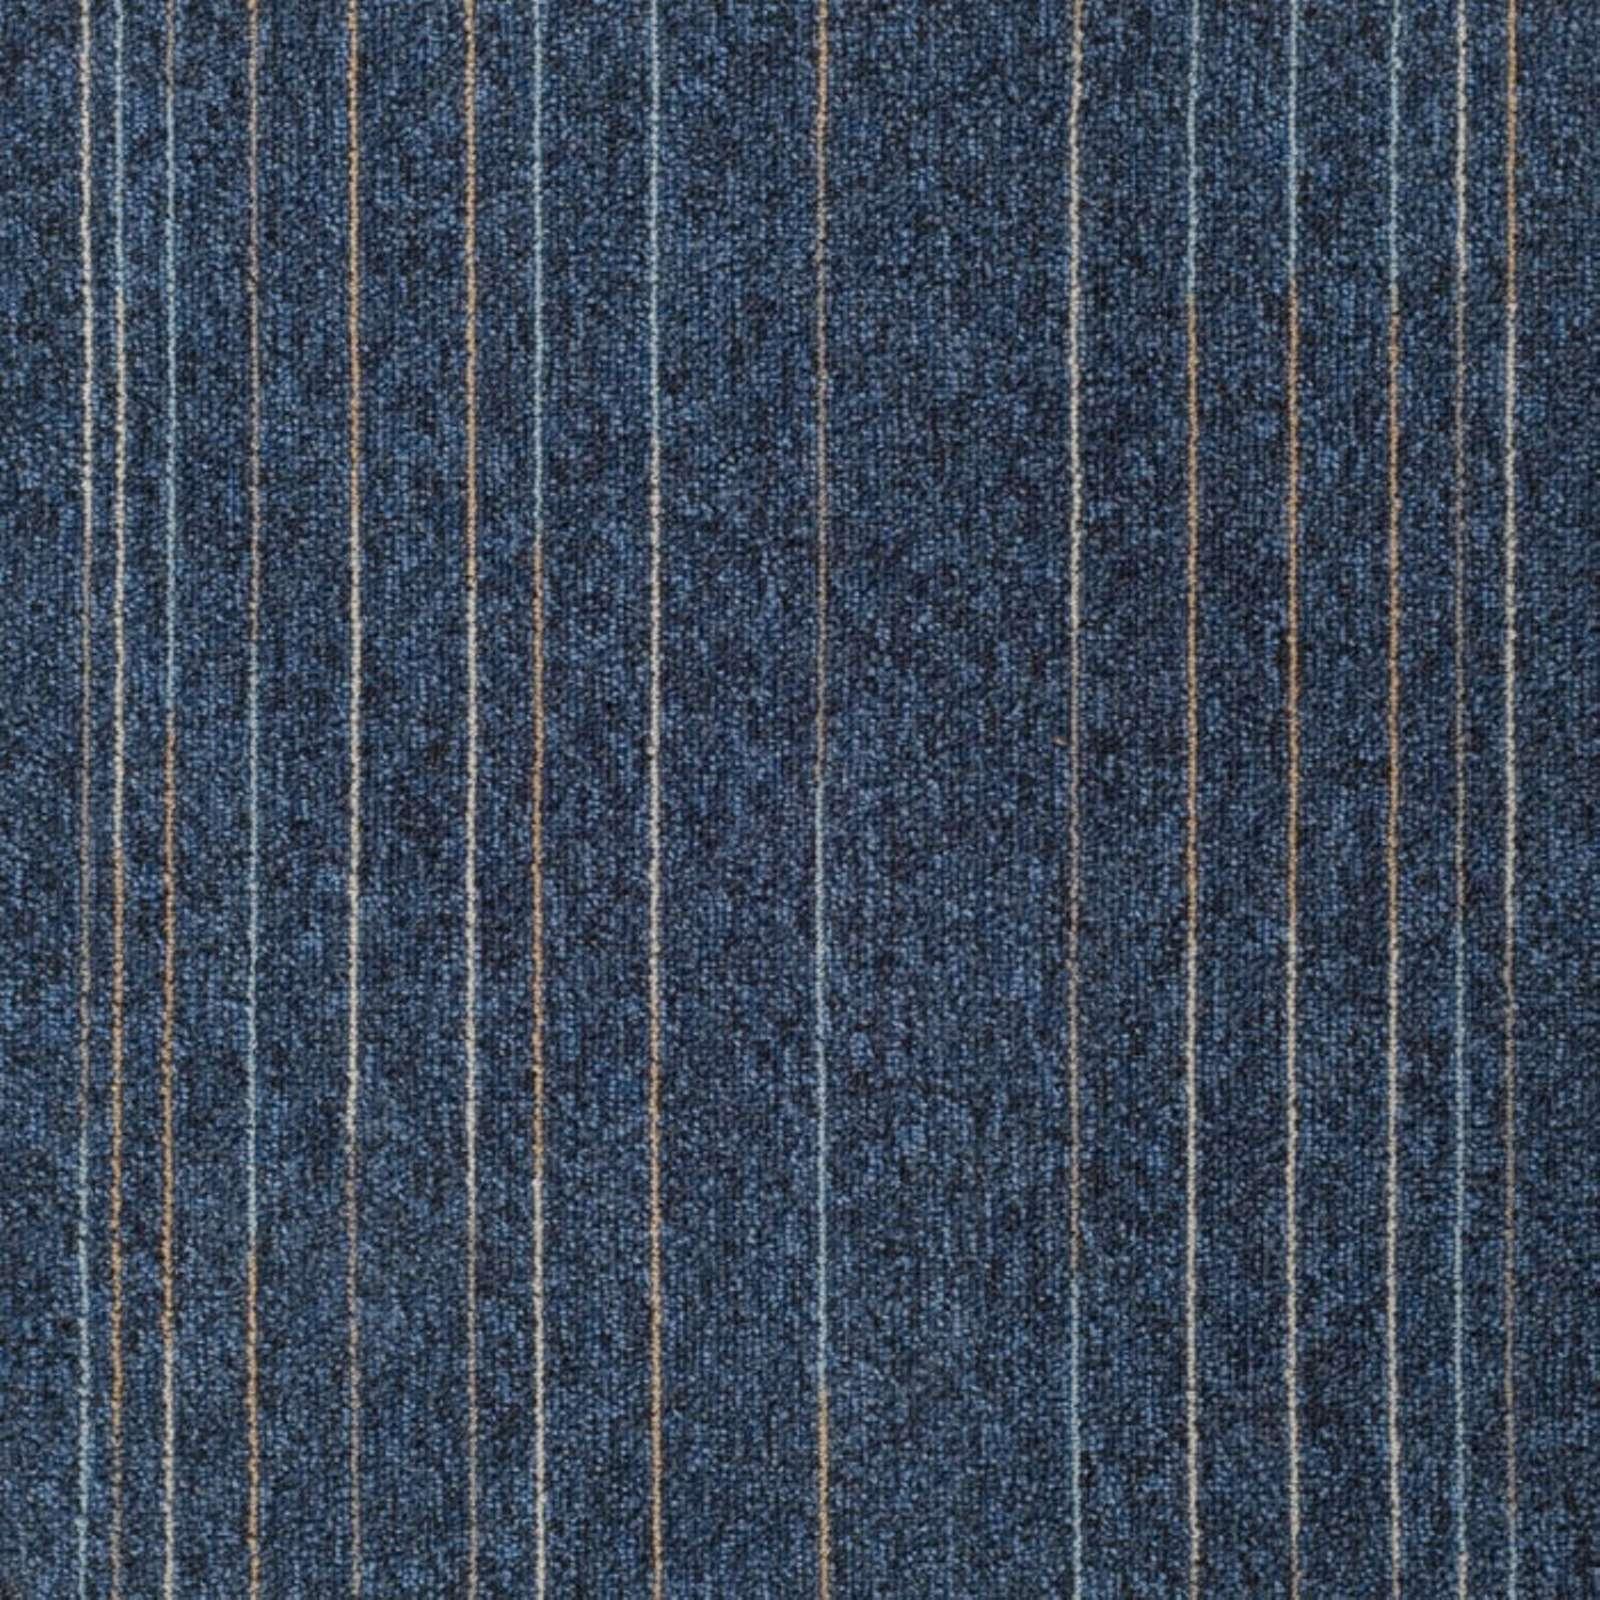 Плитка ковровая Sintelon коллекция Sky Flash 448-84, синий, 6,3 мм, 33 кл, (20шт/5м2), 500x500 мм, 650649002